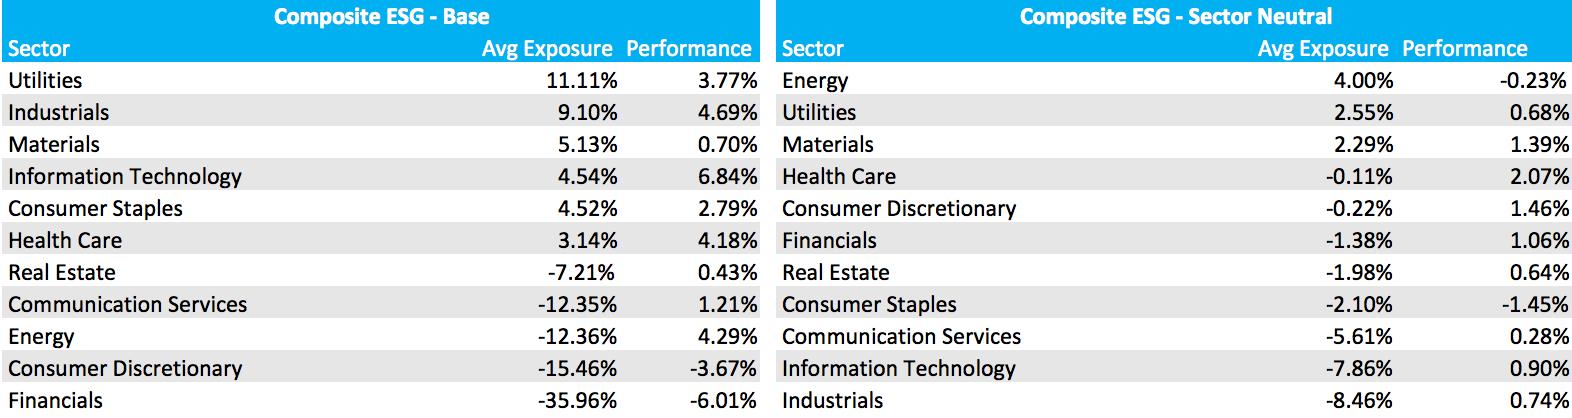 Sector+comparison+20190713